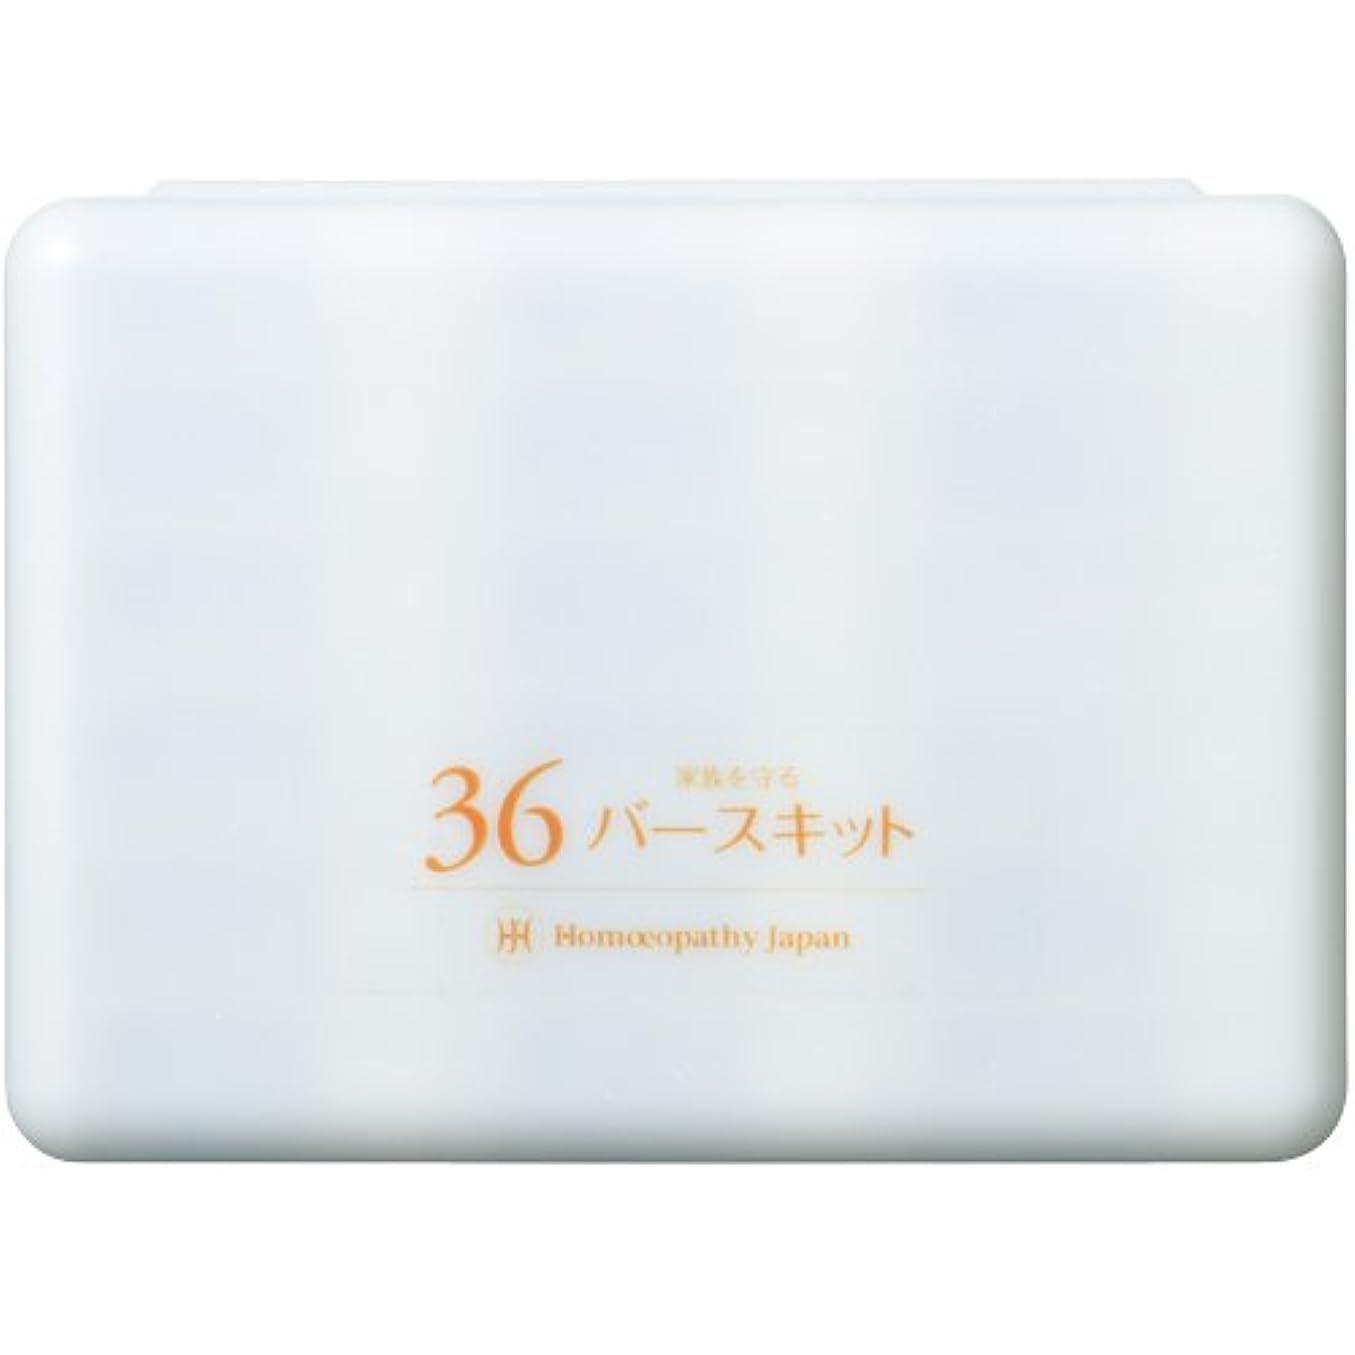 どっち八放送ホメオパシージャパンレメディー 36バースキット